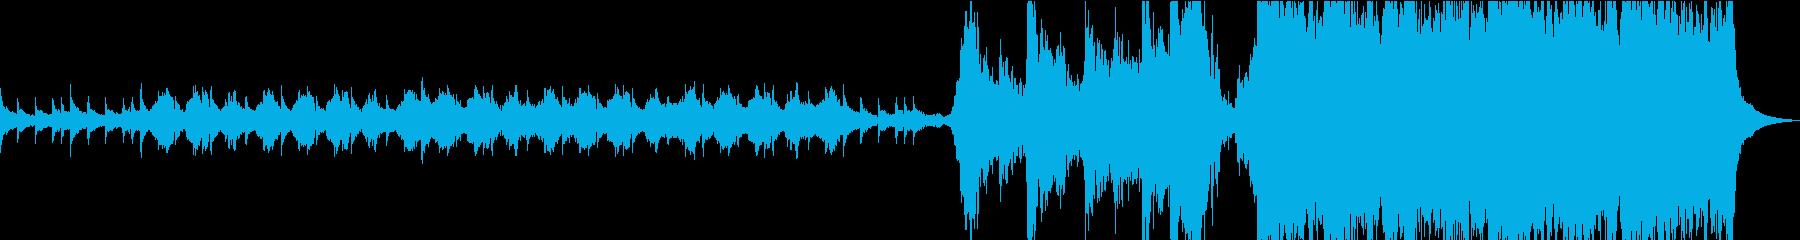 ハリウッド映画の予告編風オーケストラの再生済みの波形